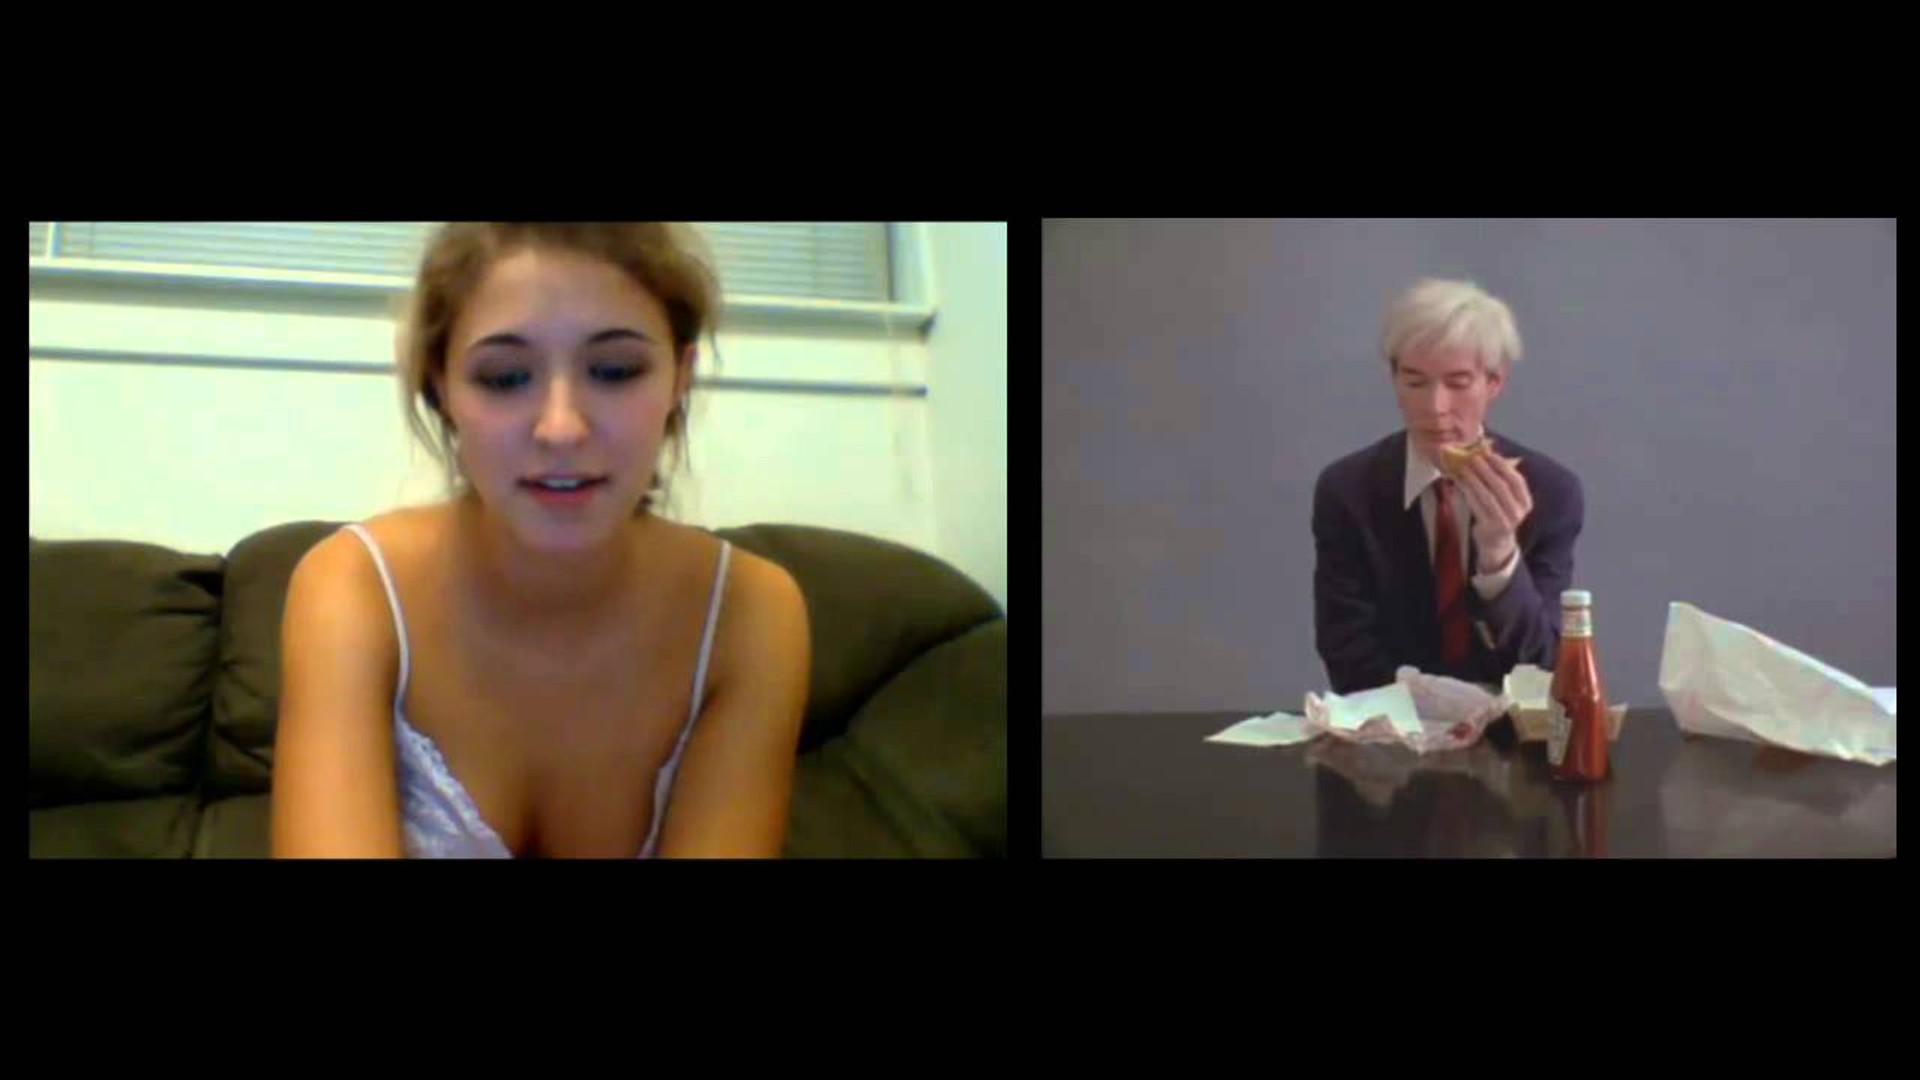 Andy Warhol eating a hamburger X Sexy Chat